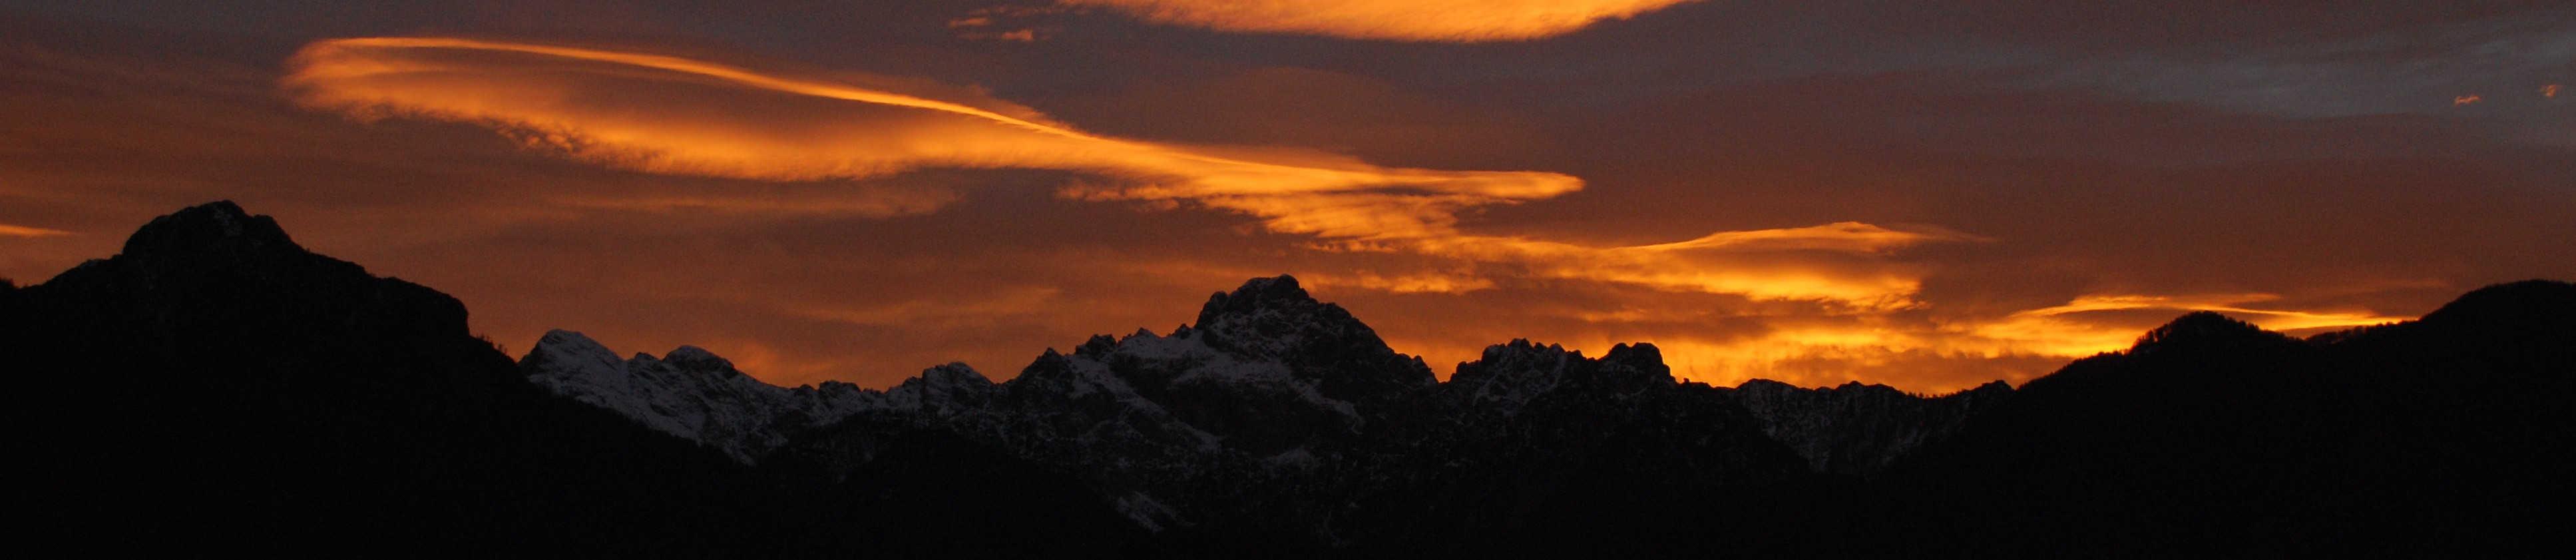 Chiarescon al tramonto